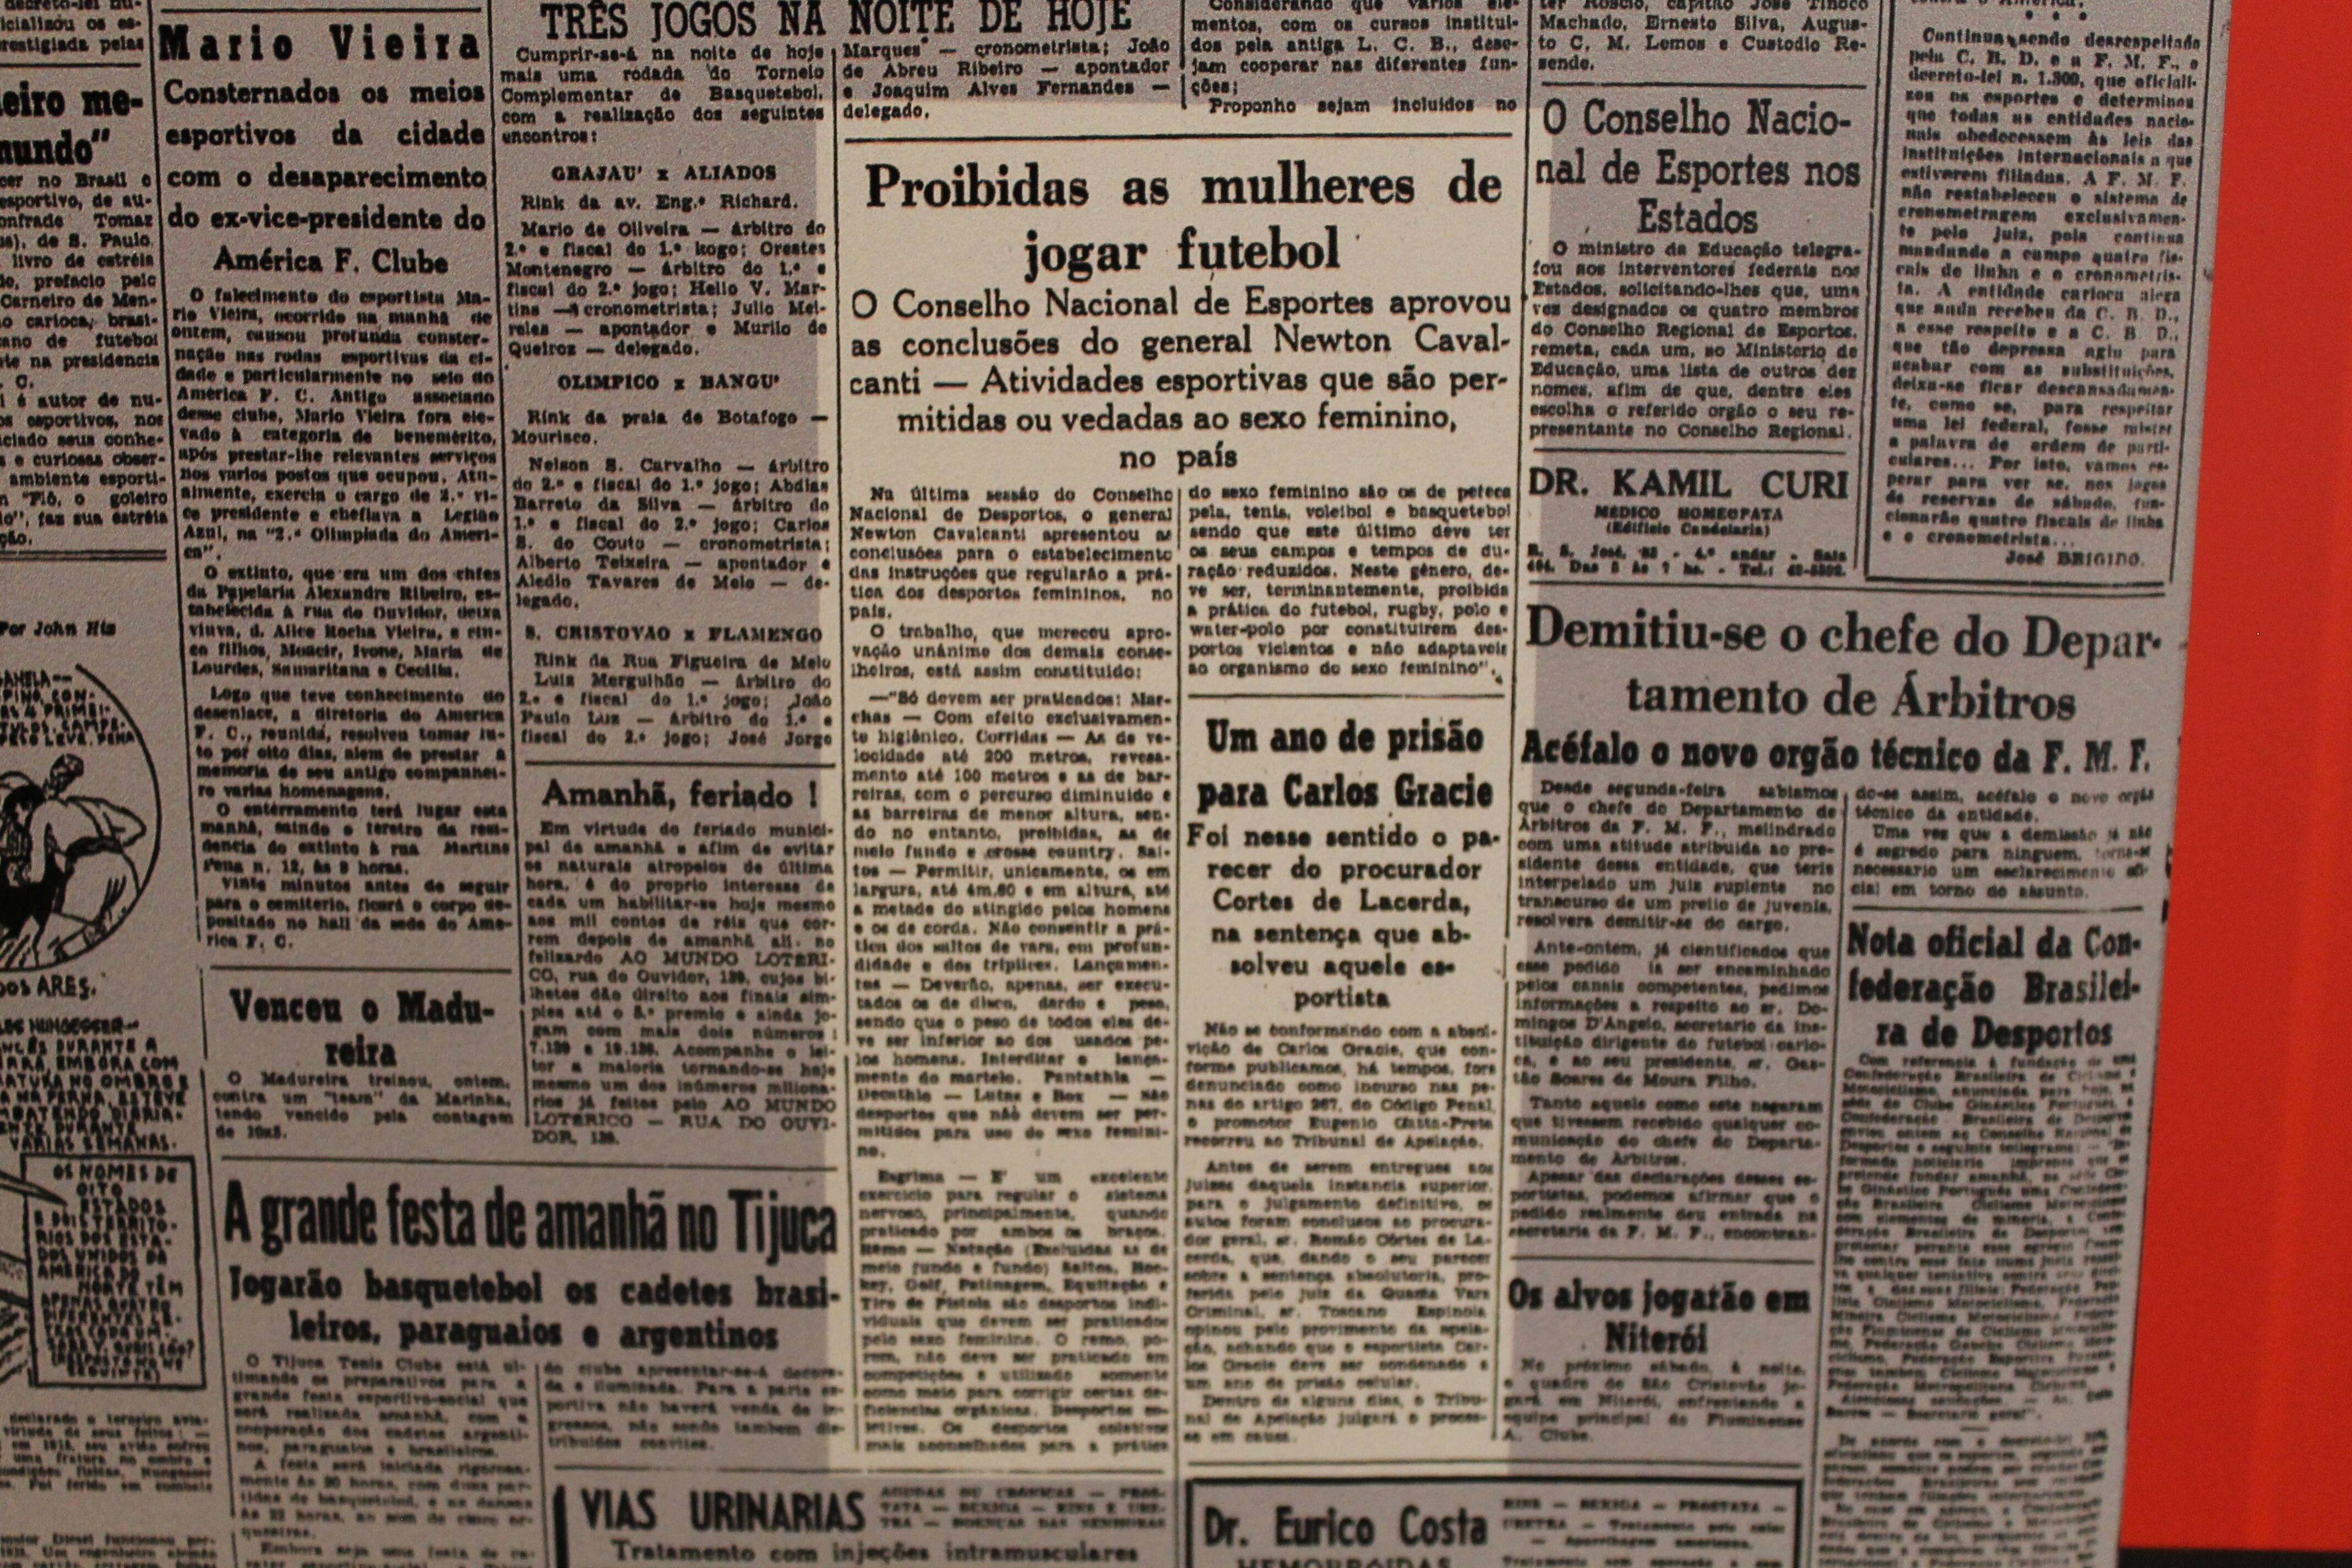 Manchetes de jornais brasileiros dos anos 1940 contra o futebol feminino. Foto: Flavia Matos/ IG